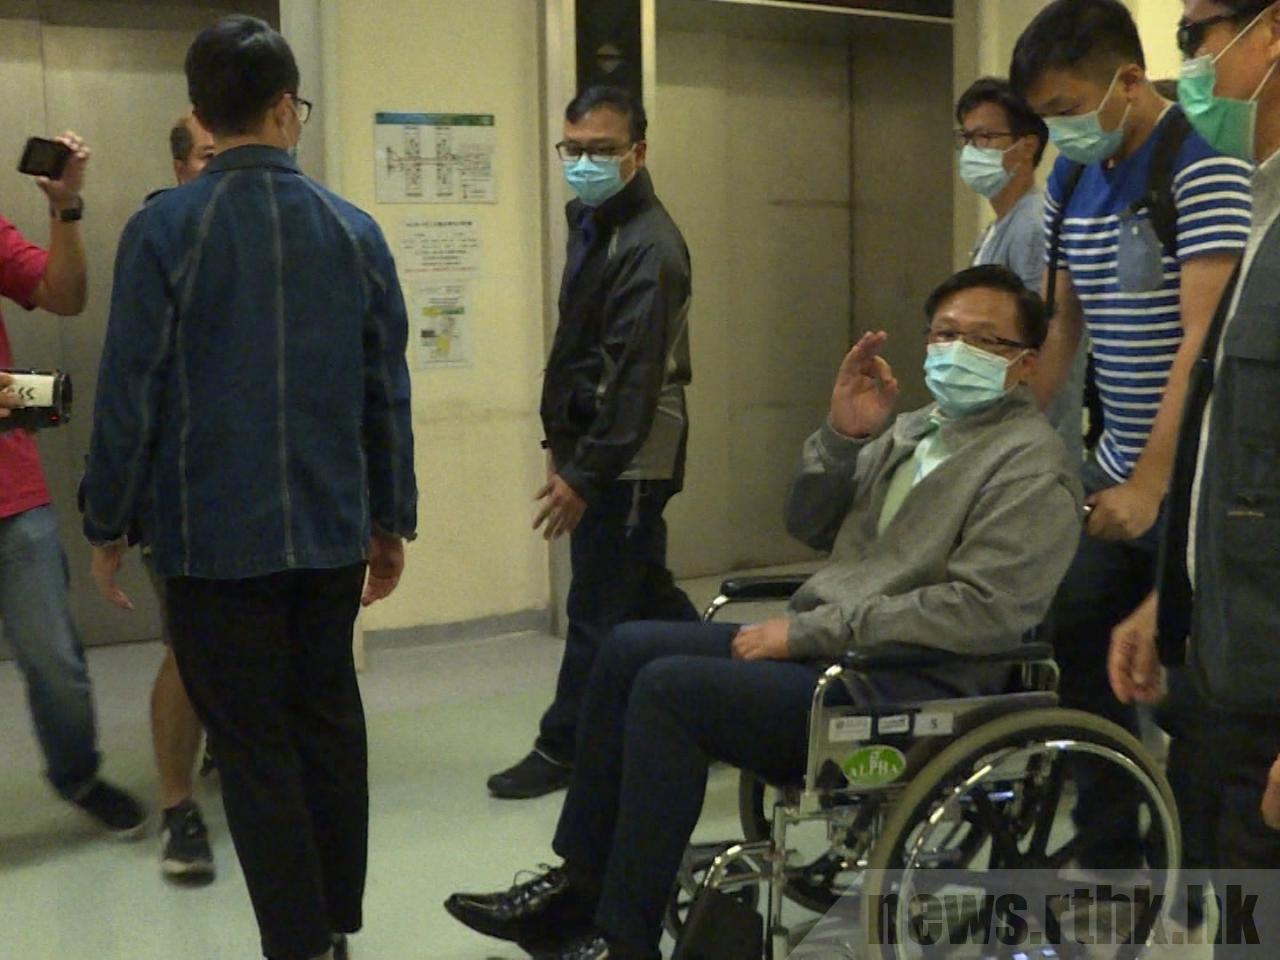 新华时评:绝不允许暴力影响香港区议会选举结果